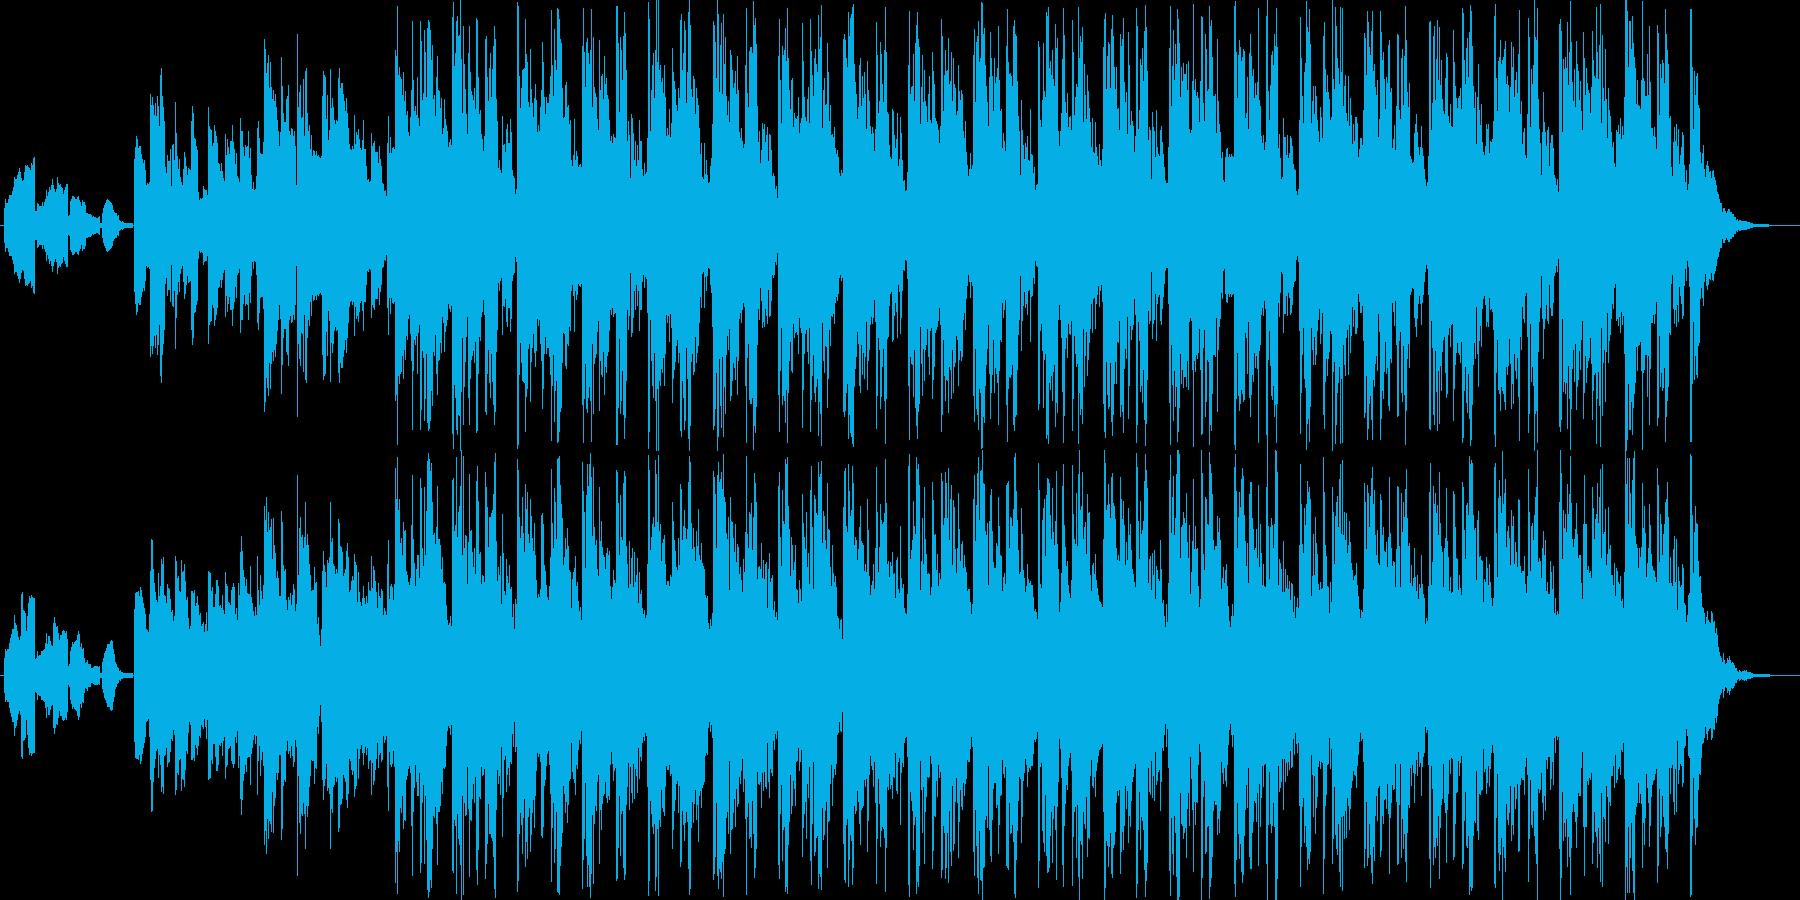 デジタル機器CFのBGM向きの再生済みの波形